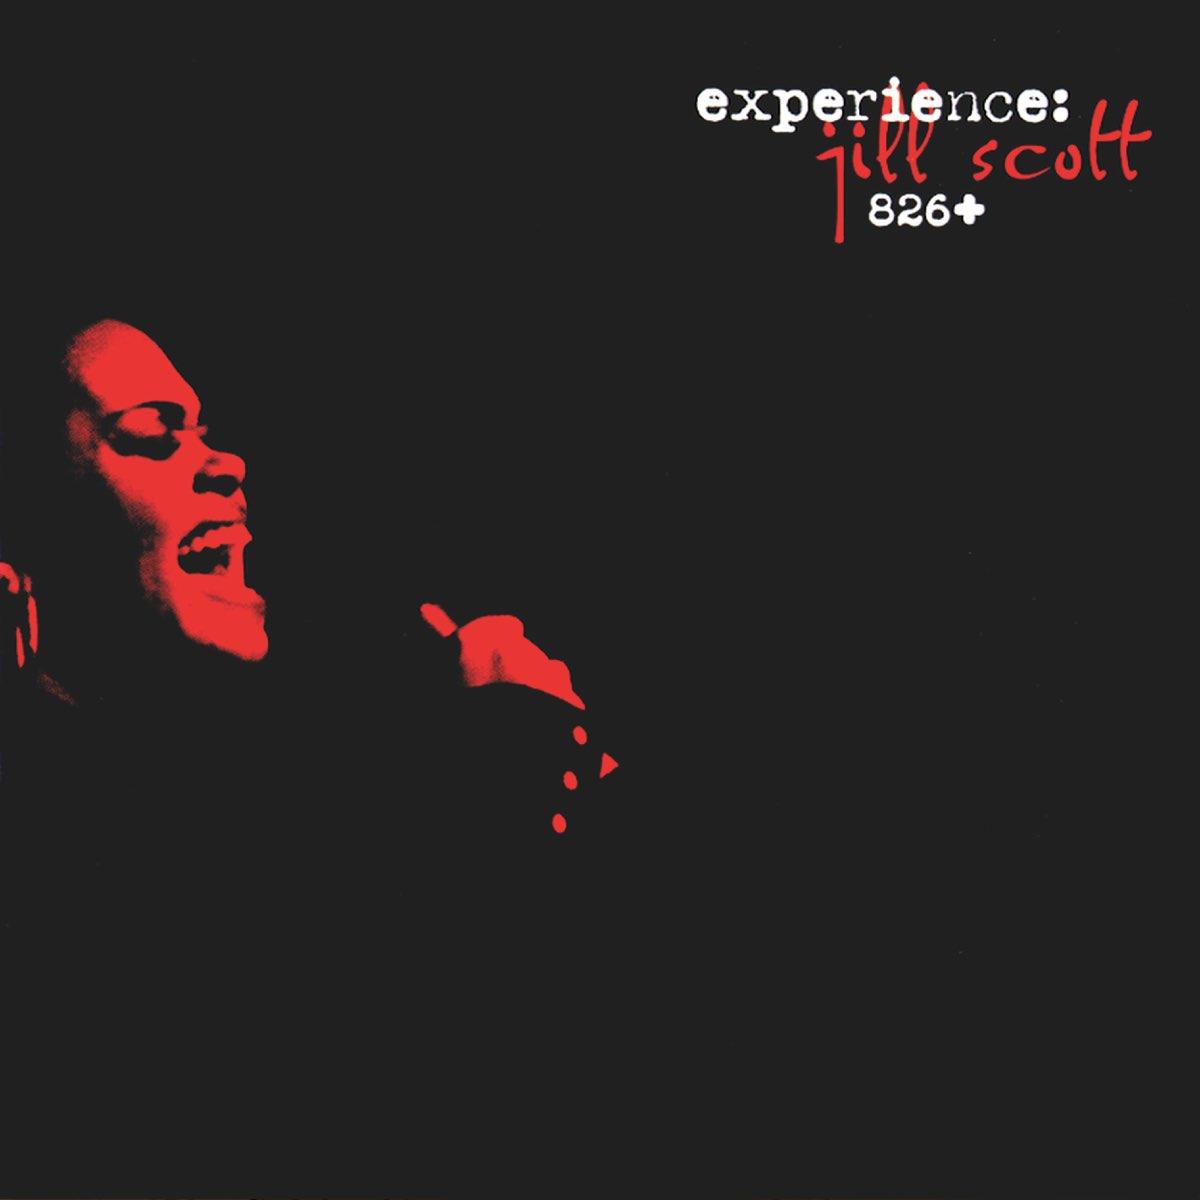 Jill Scott, Experience: Jill Scott 826+